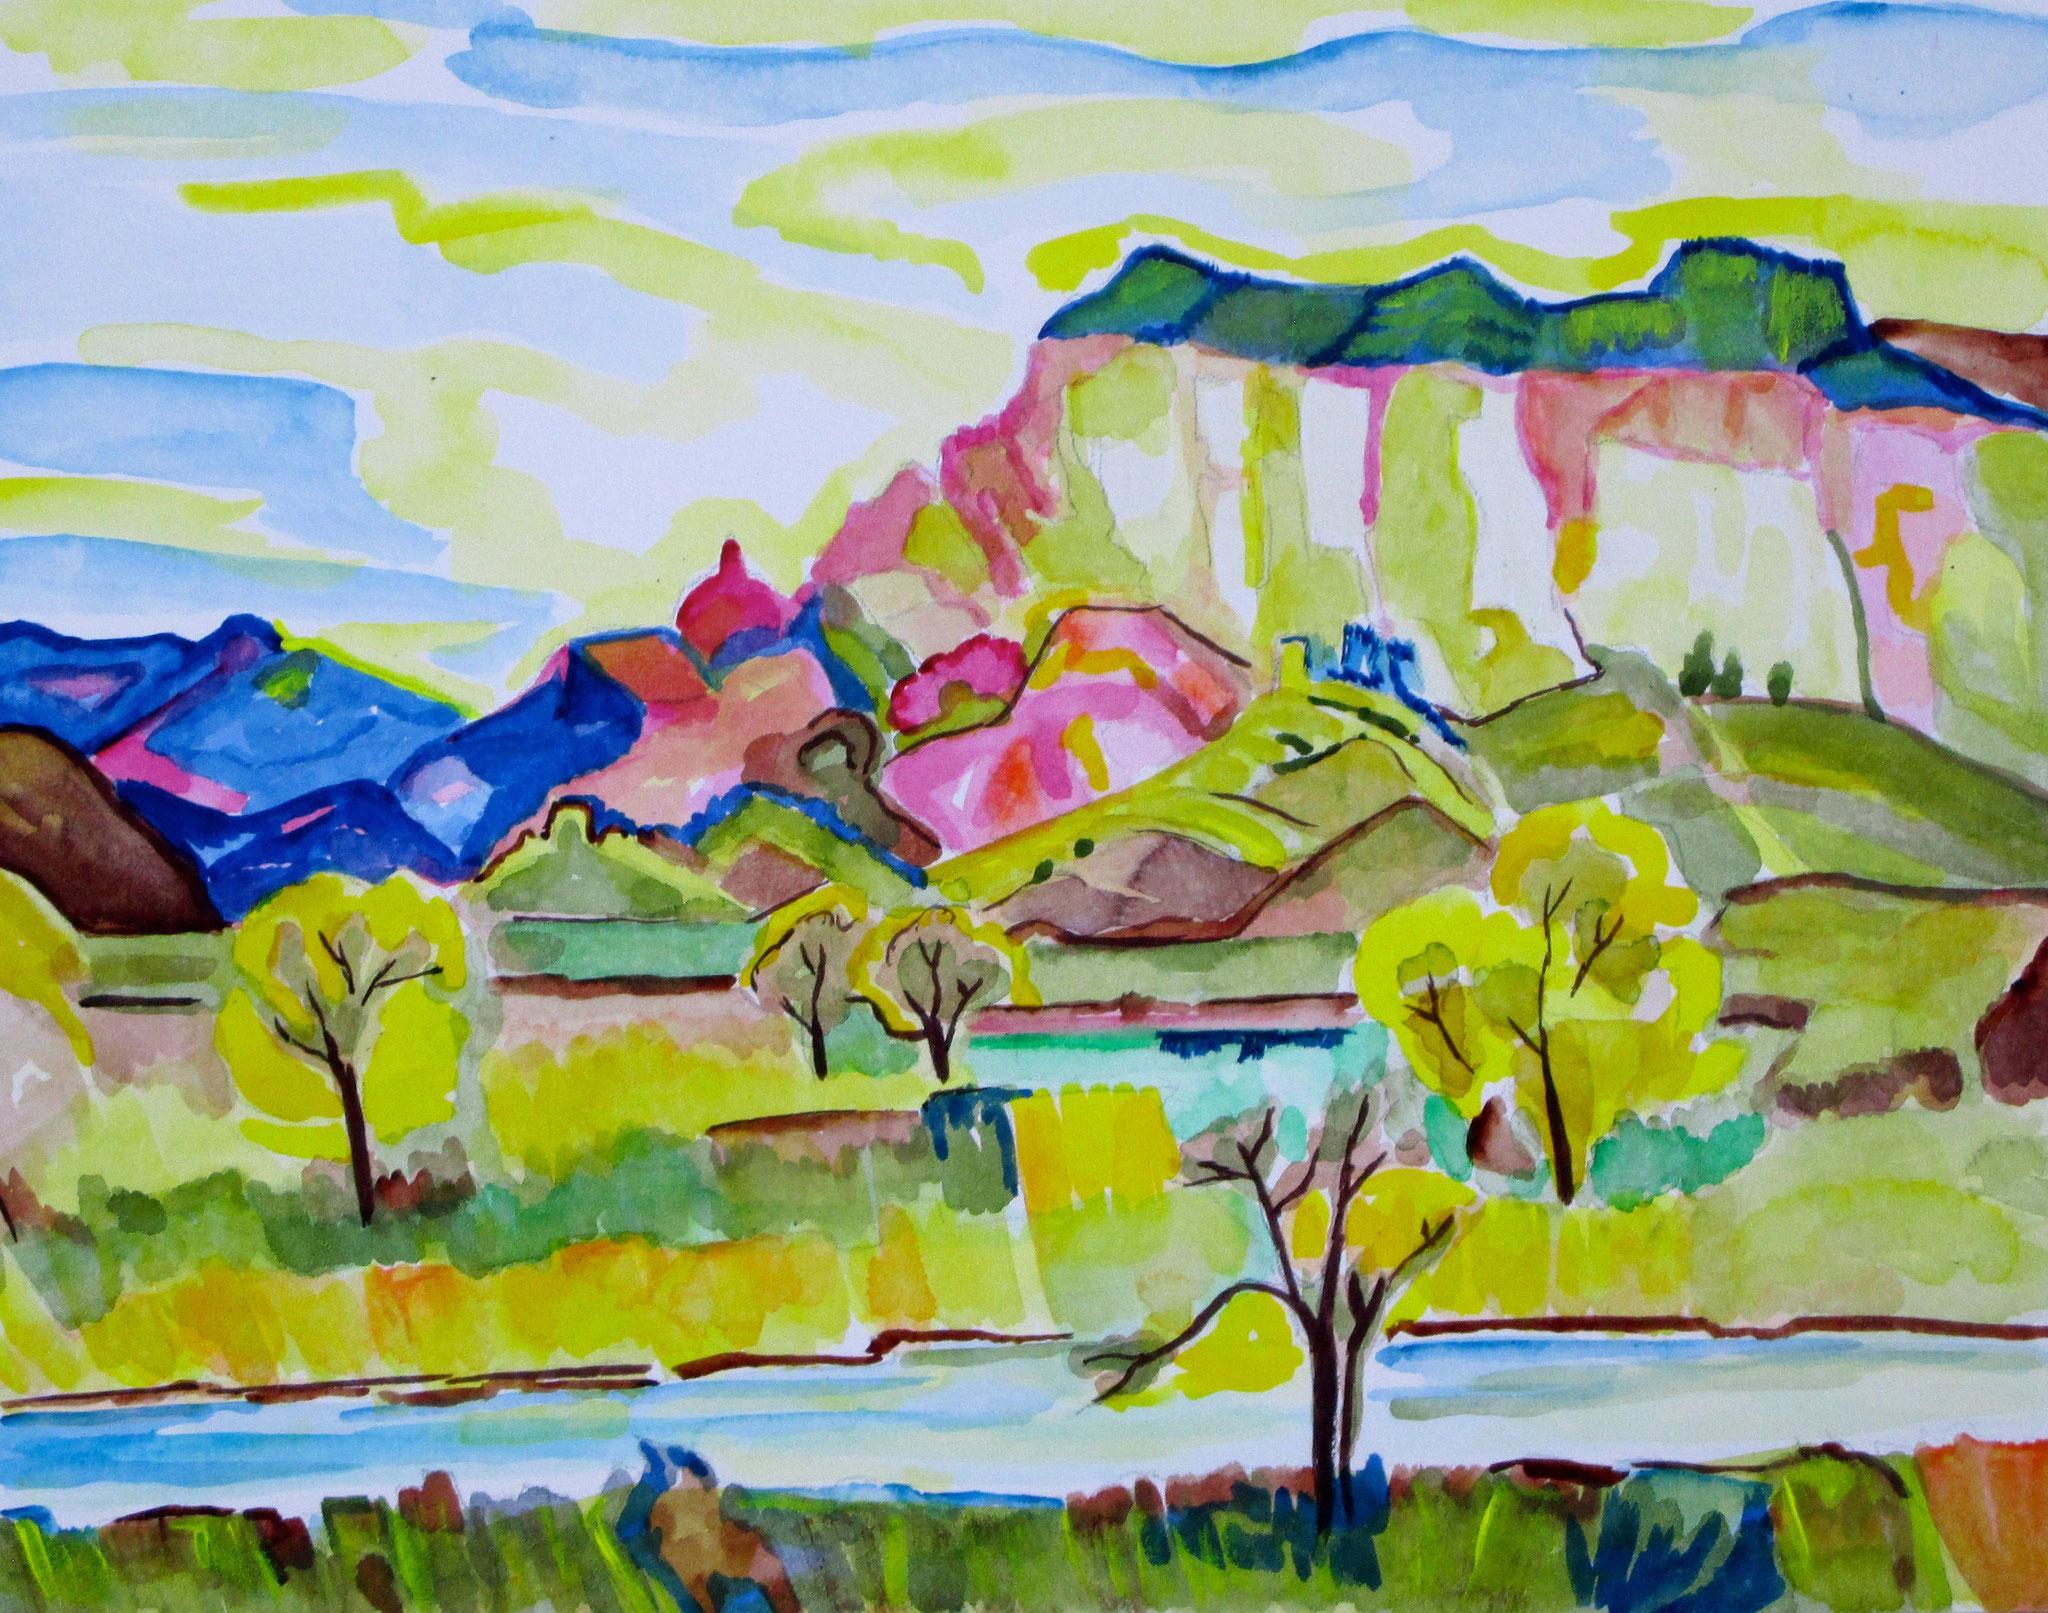 Spring Splendor, watercolor on board, 14 x 11, 2016 SOLD